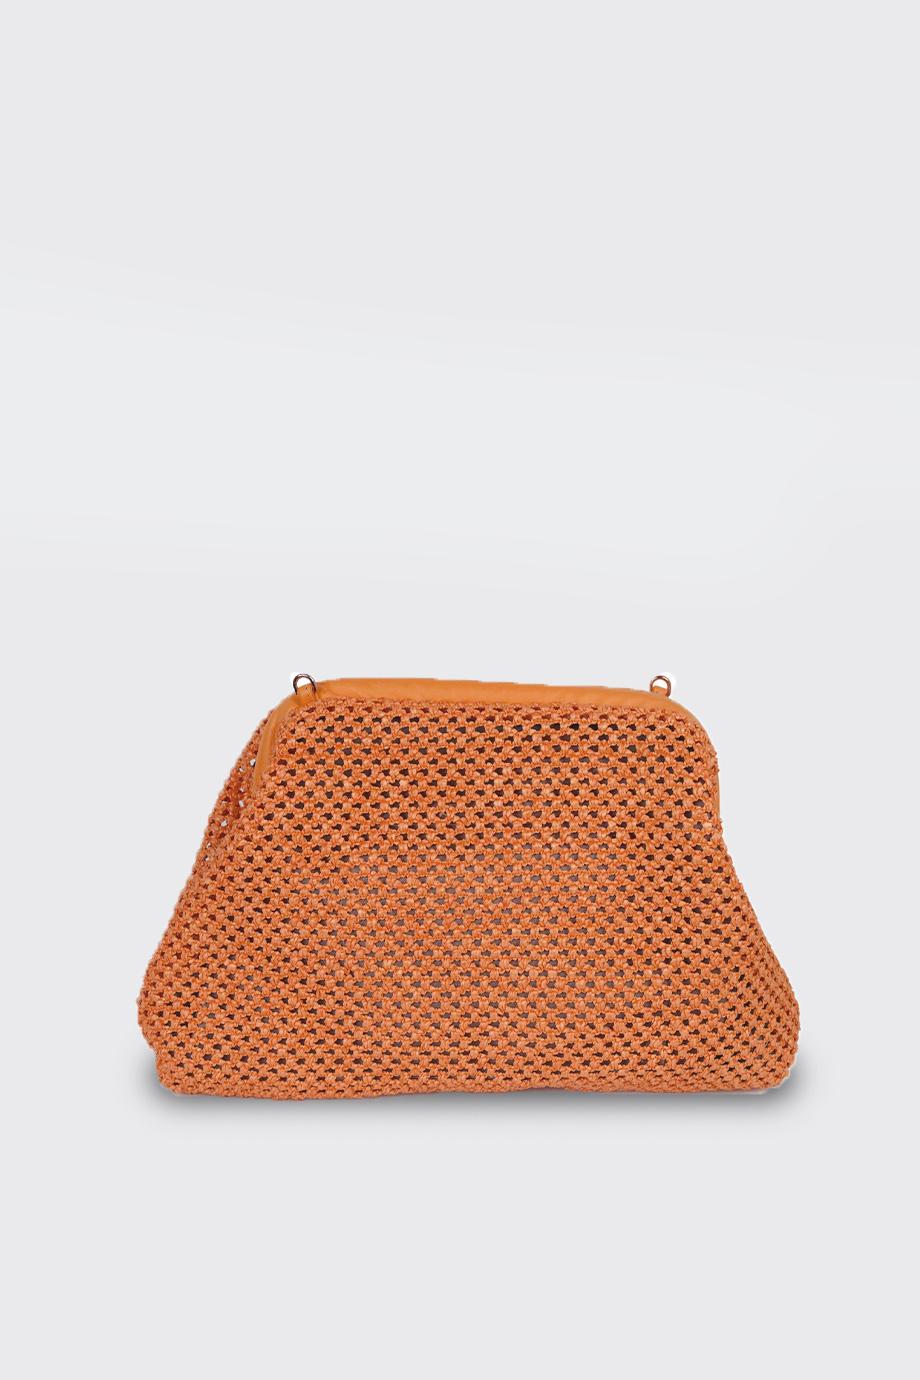 borsetta puffy crochet arancione avenue 67